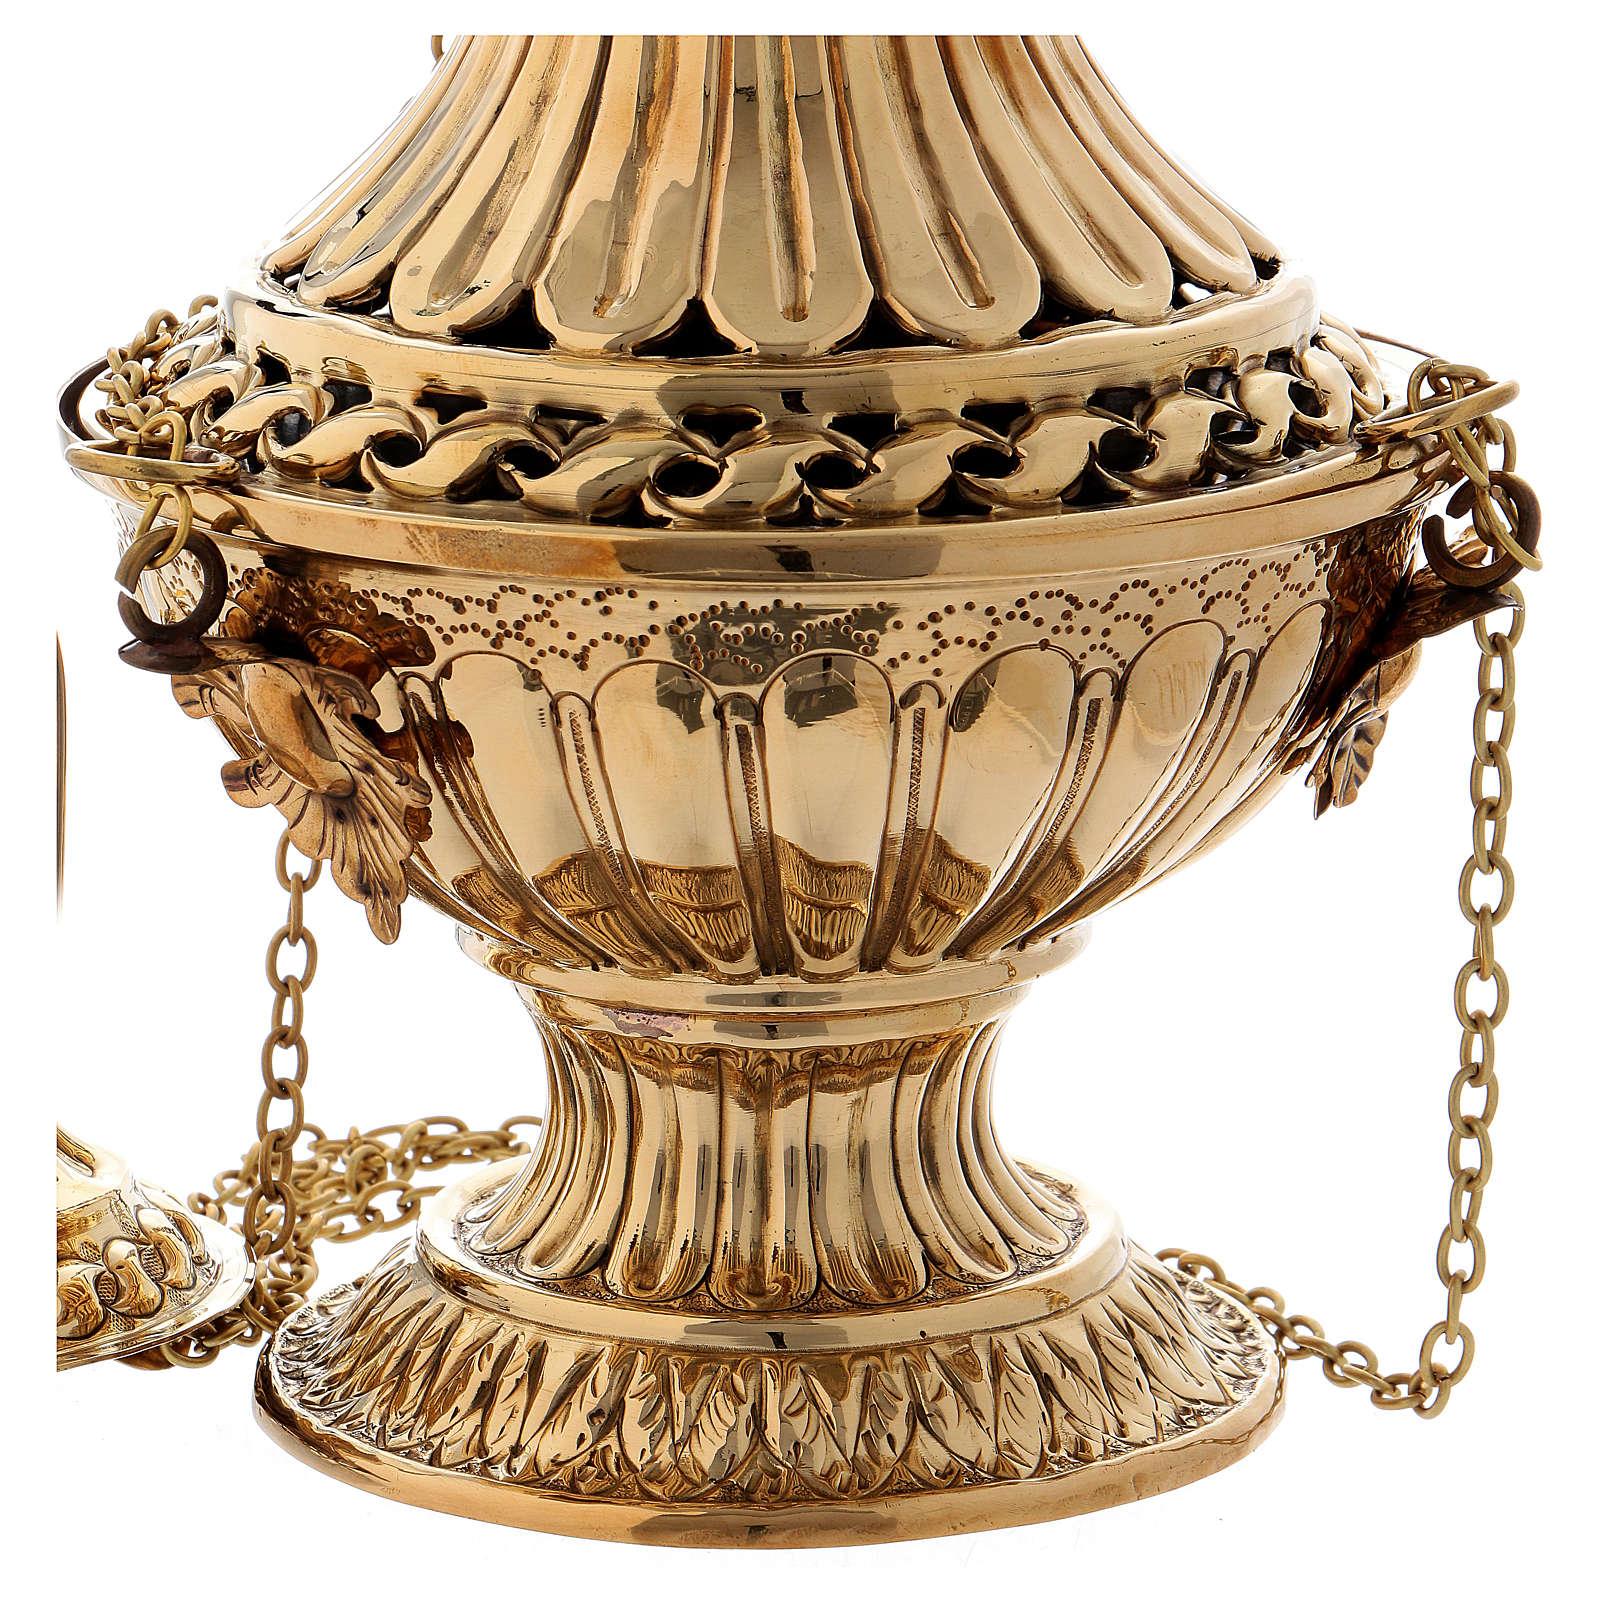 Incensario con motivos y entalladuras latón dorado 30 cm 3